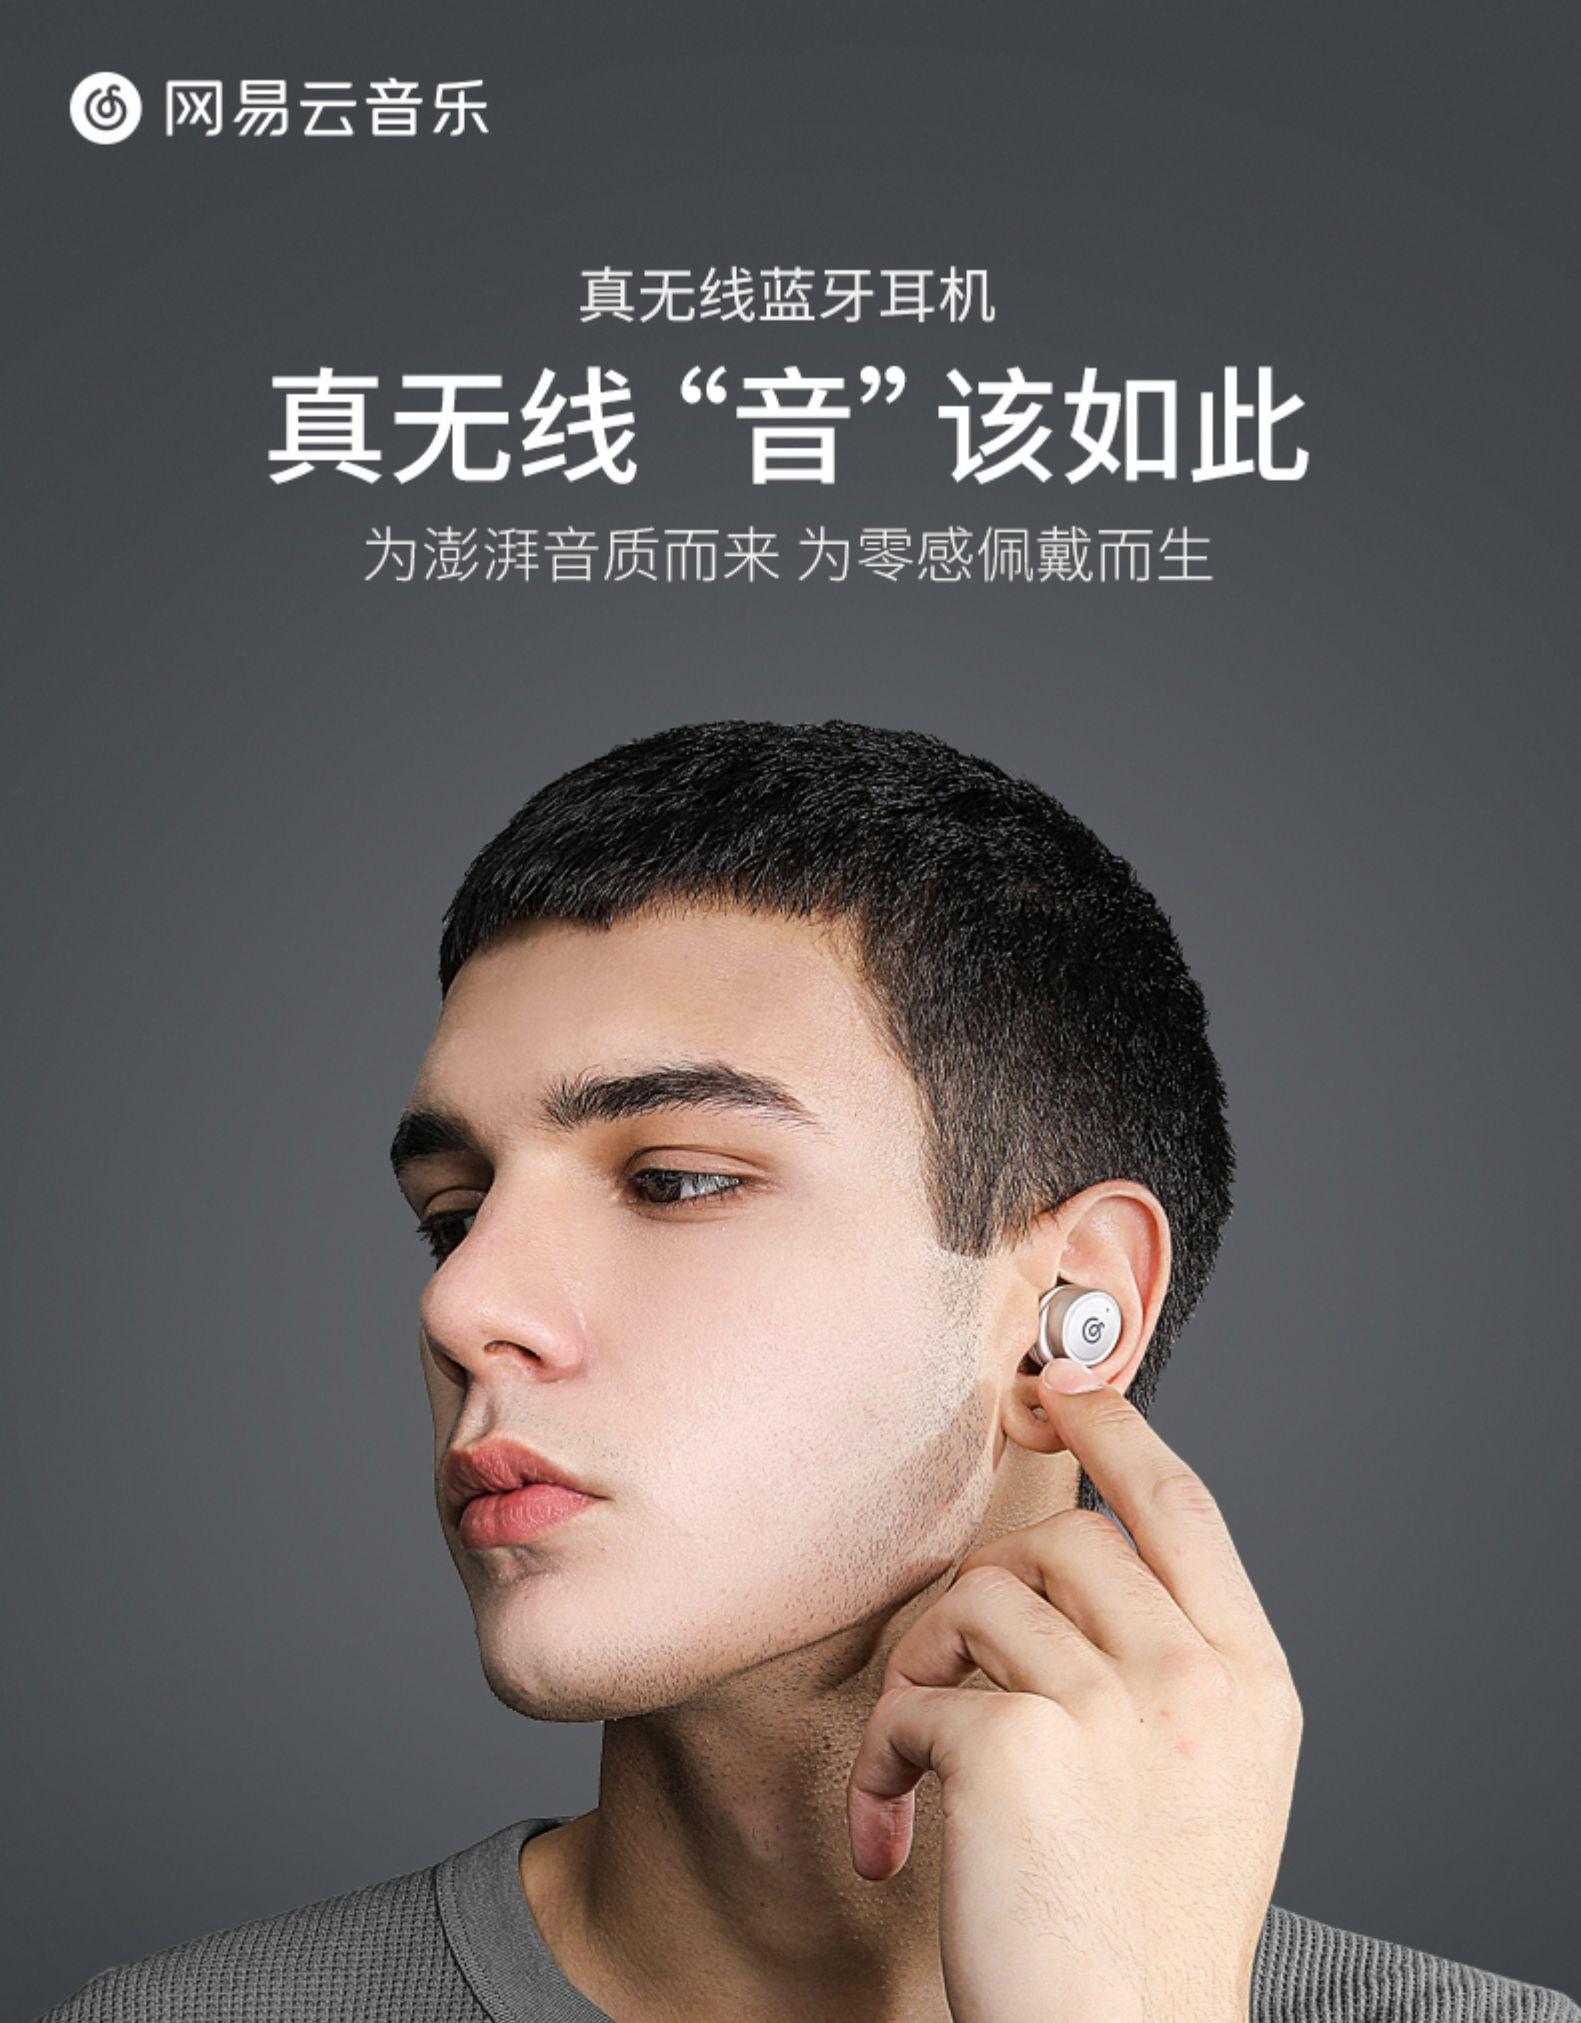 30天免费用:IPX5级防水,网易云音乐真无线耳机159元 第2张